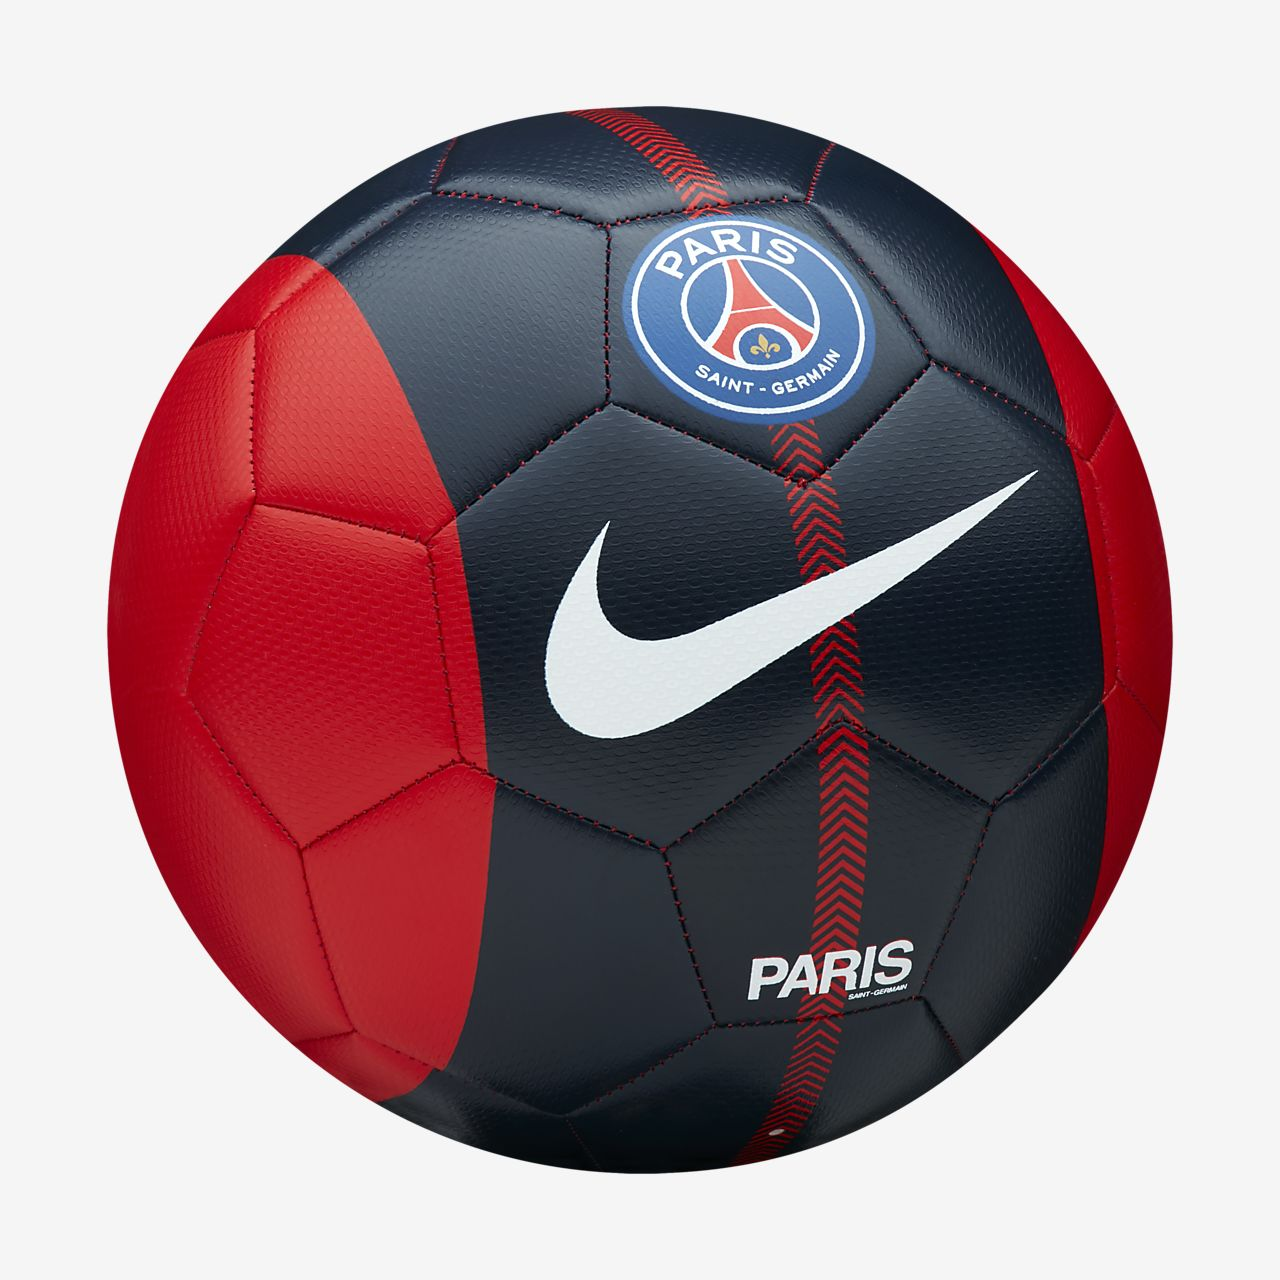 Balón de fútbol Paris Sant-Germain Prestige